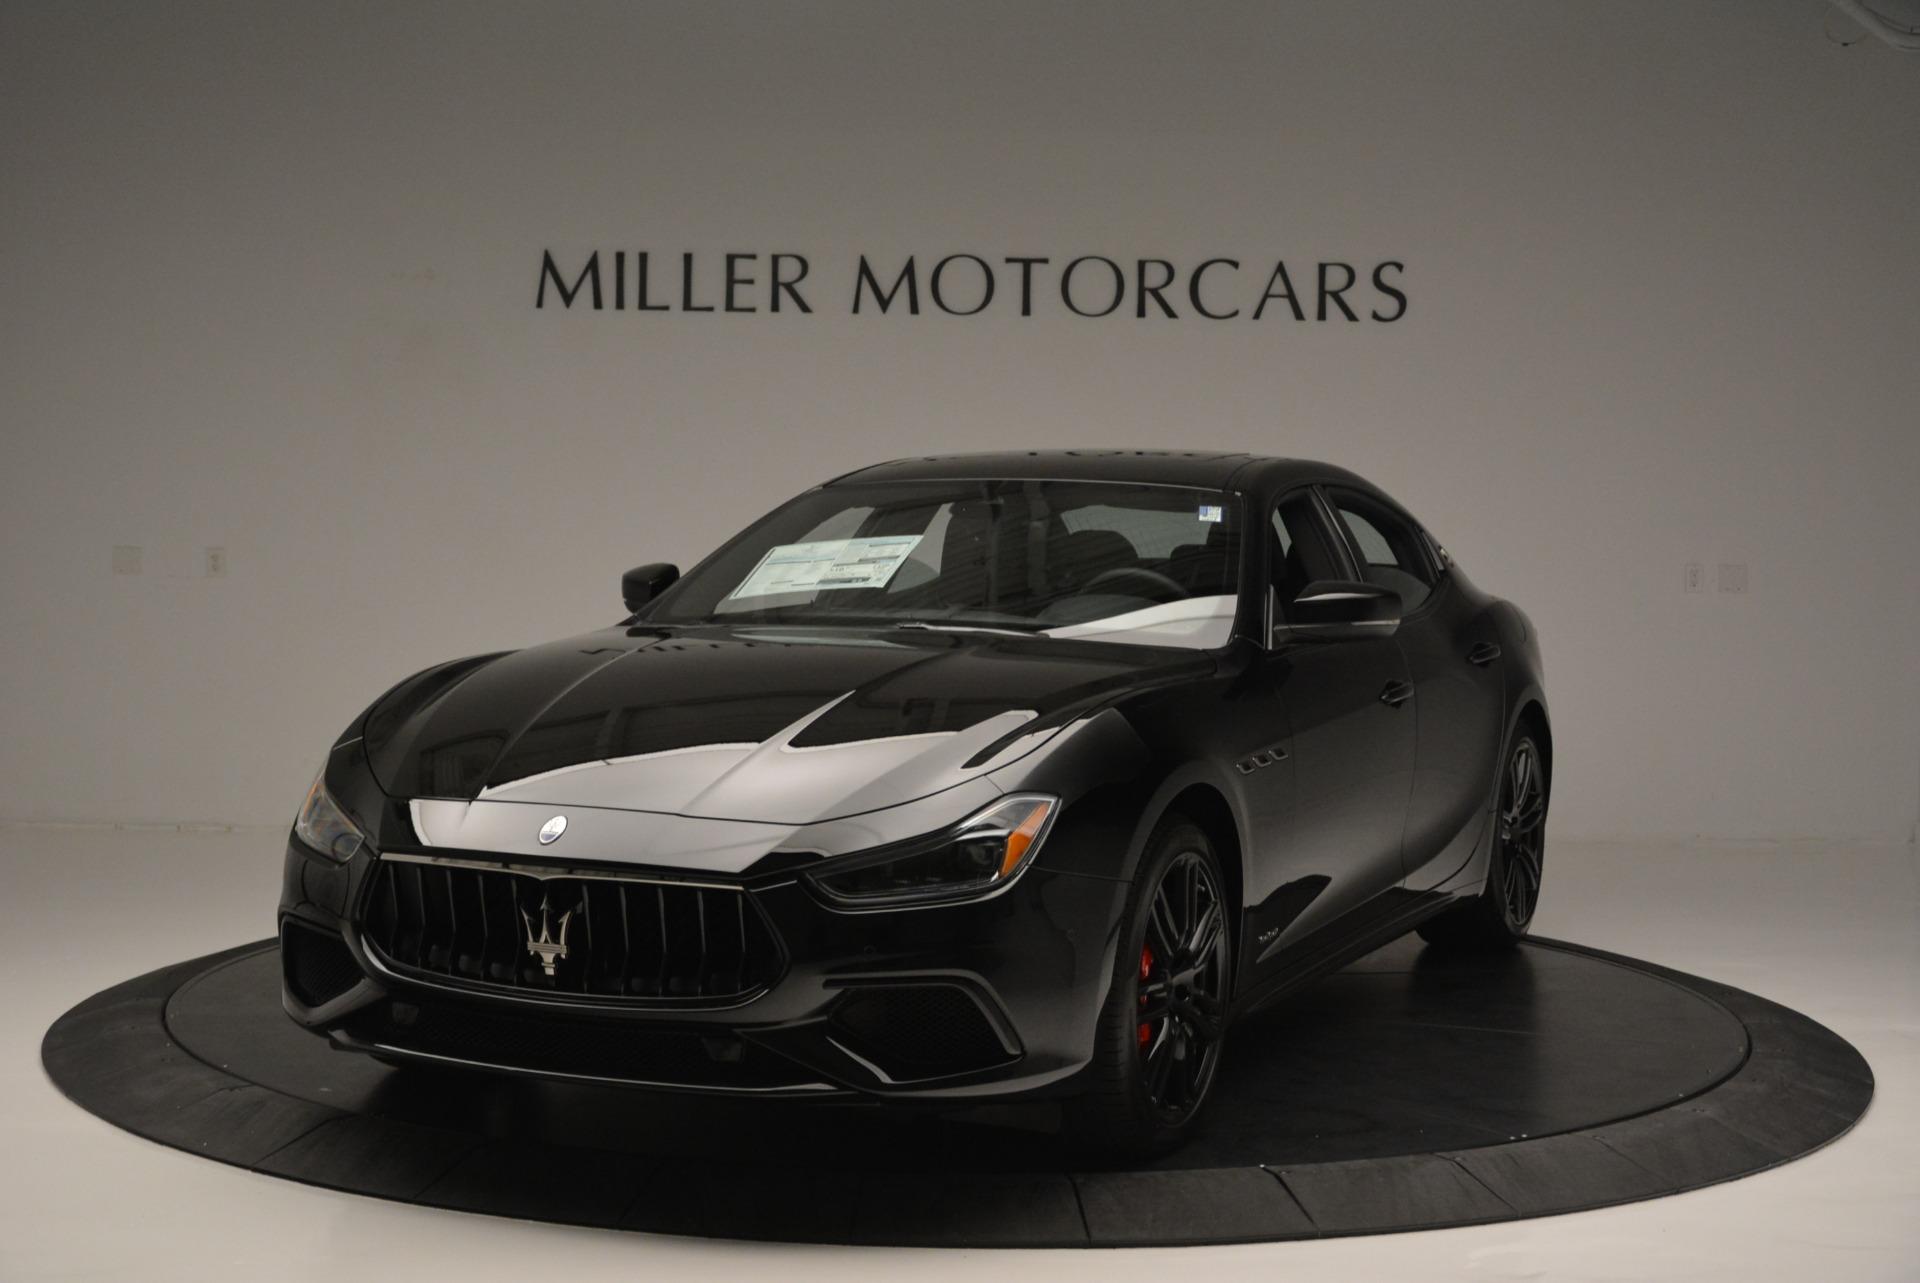 New 2018 Maserati Ghibli SQ4 GranSport Nerissimo for sale Sold at Bugatti of Greenwich in Greenwich CT 06830 1